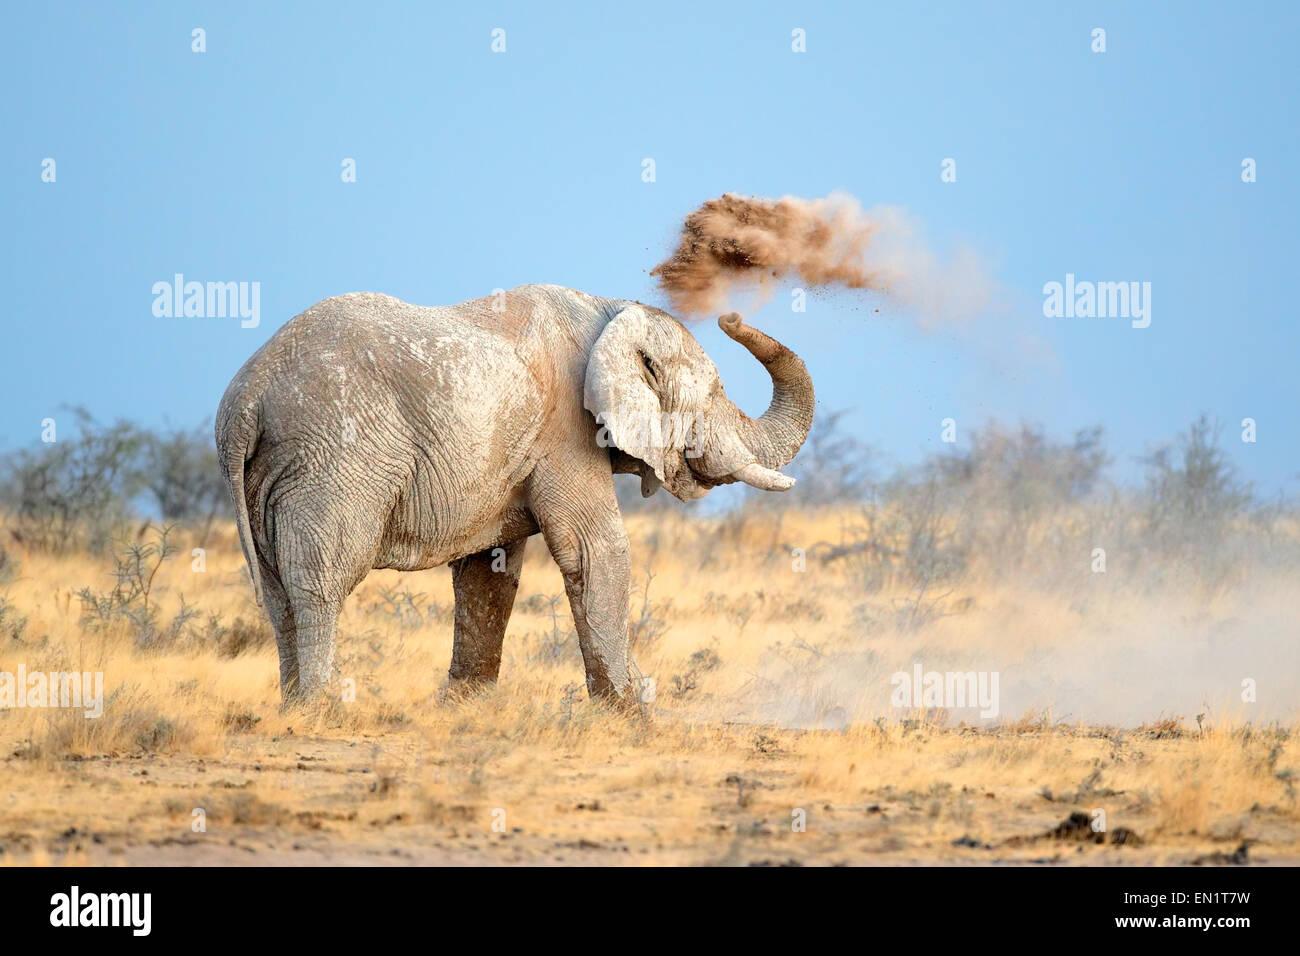 Mud covered African elephant (Loxodonta africana) throwing dust, Etosha National Park, Namibia - Stock Image